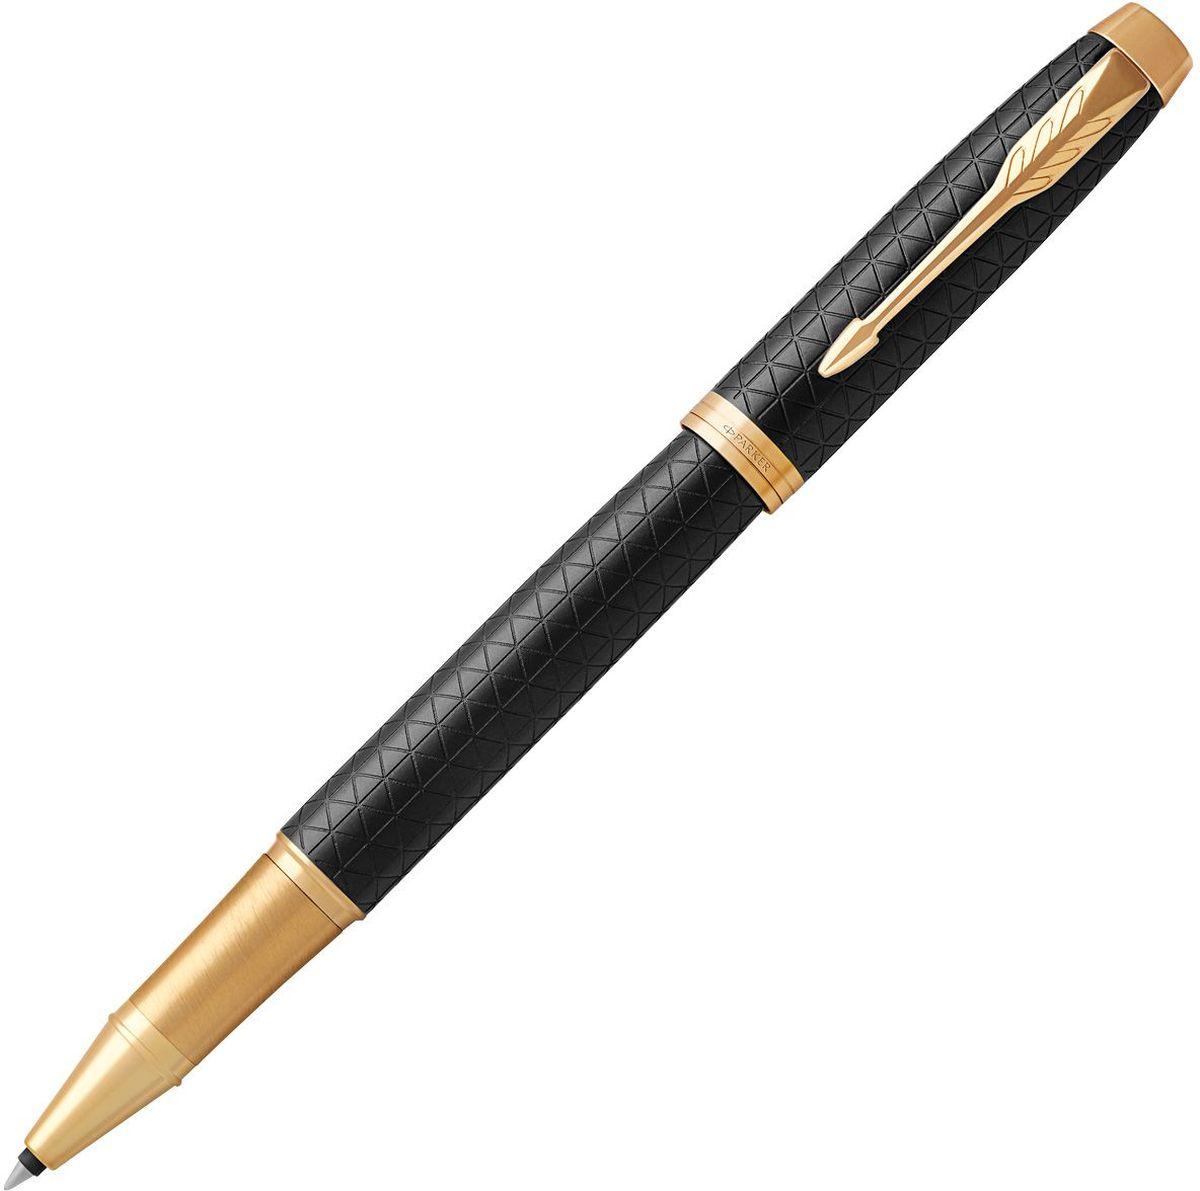 Parker Ручка-роллер IM Premium Black GT черная